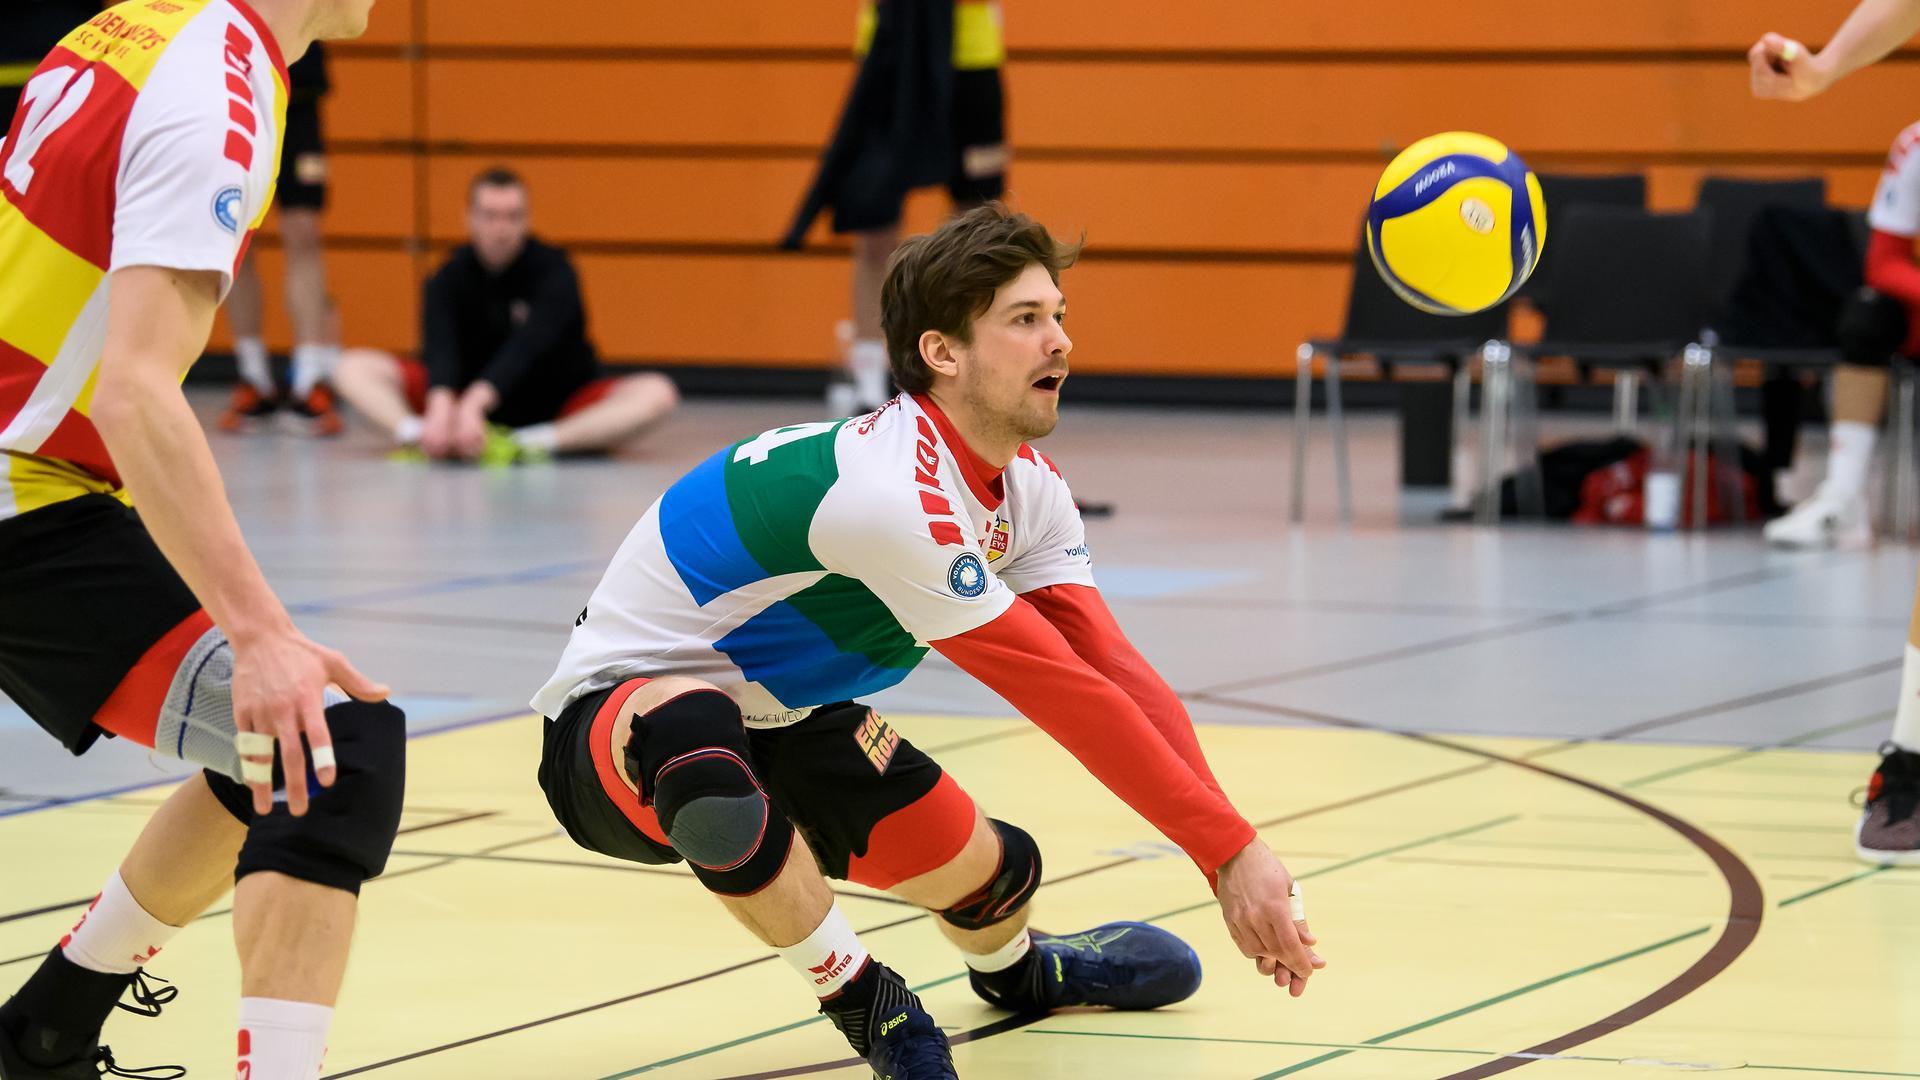 Benjamin Dollhofer (SSC) baggert.  GES/ Volleyball/ 2. Bundesliga-Sued: Baden Volleys SSC Karlsruhe - TSV Grafing, 27.03.2021 --